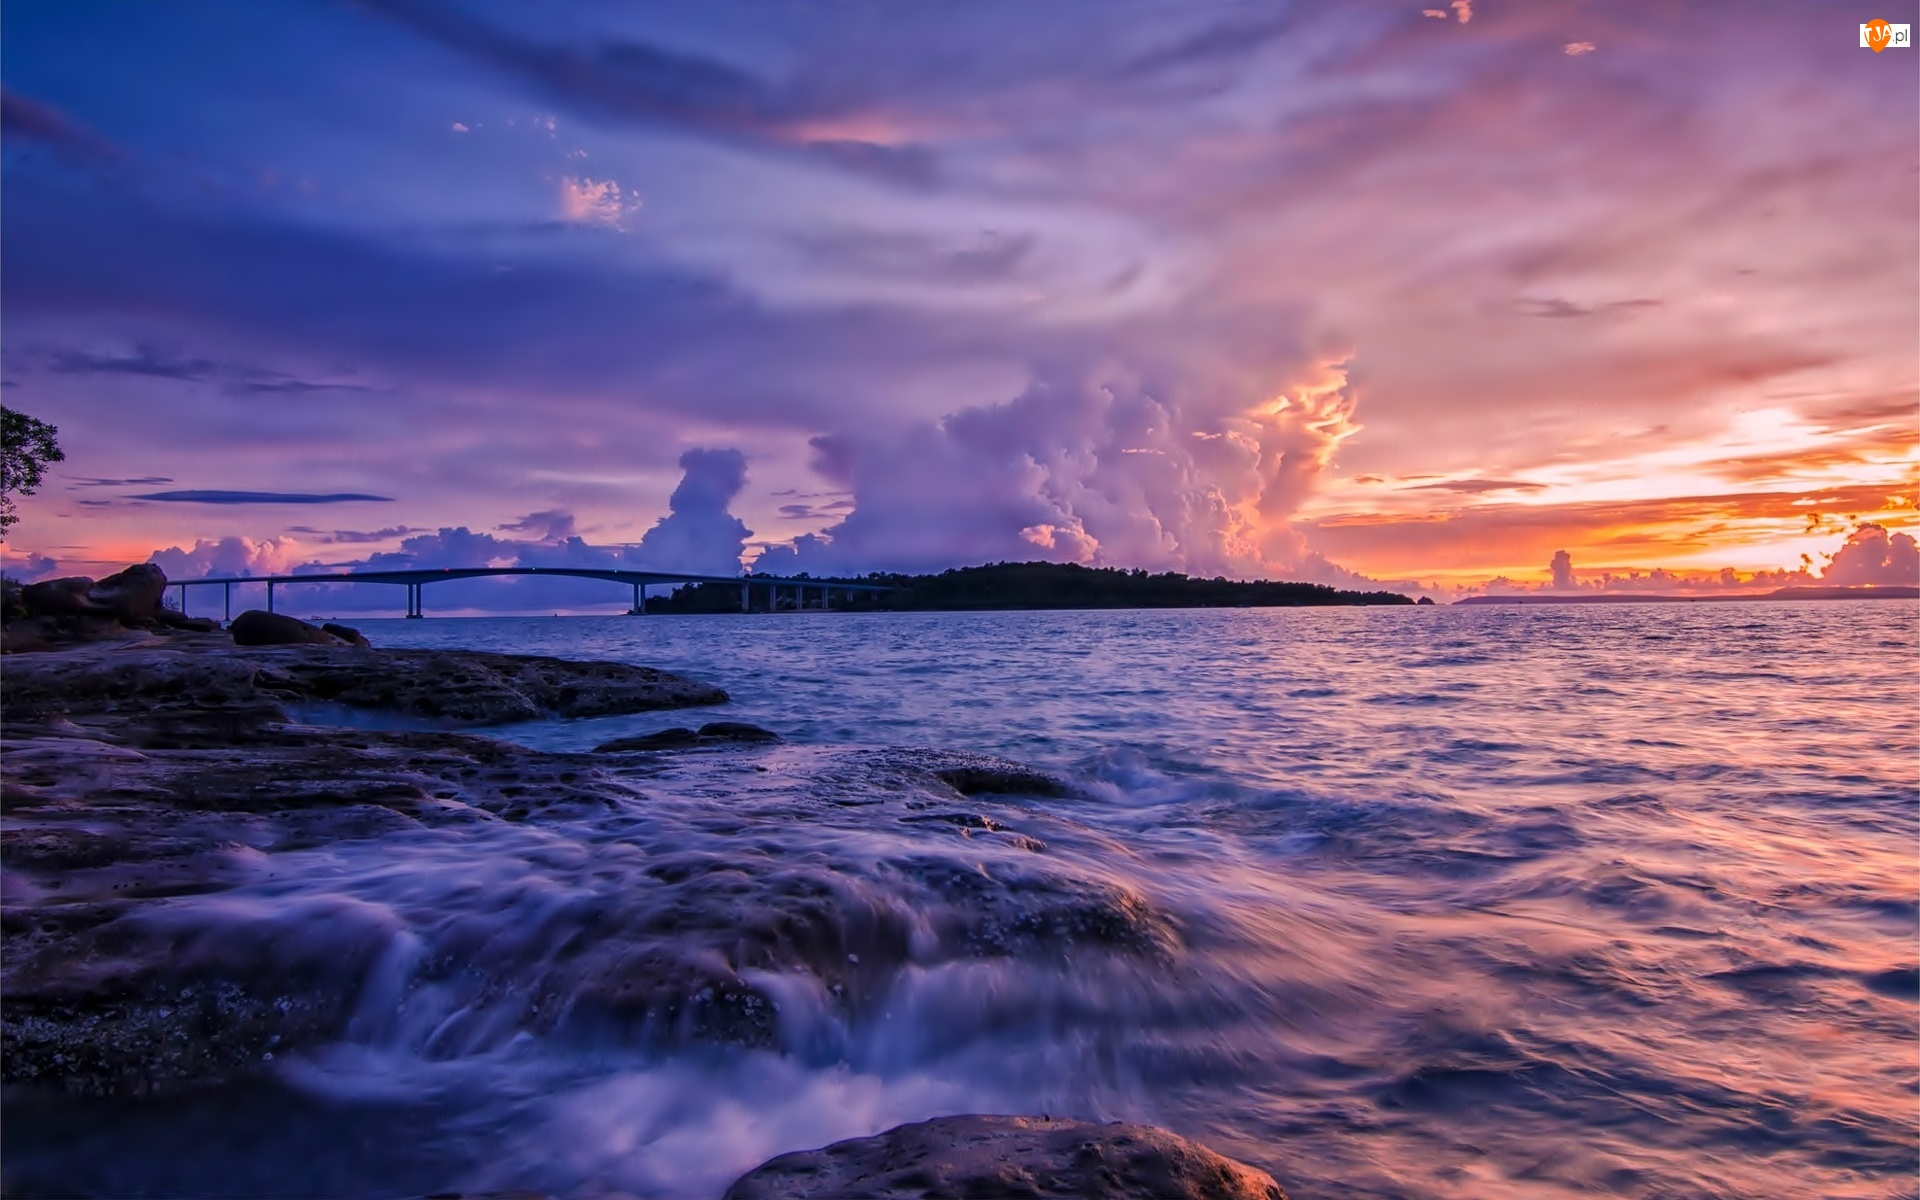 Zachód, Skały, Most, Morze, Słońca, Wyspa, Chmury